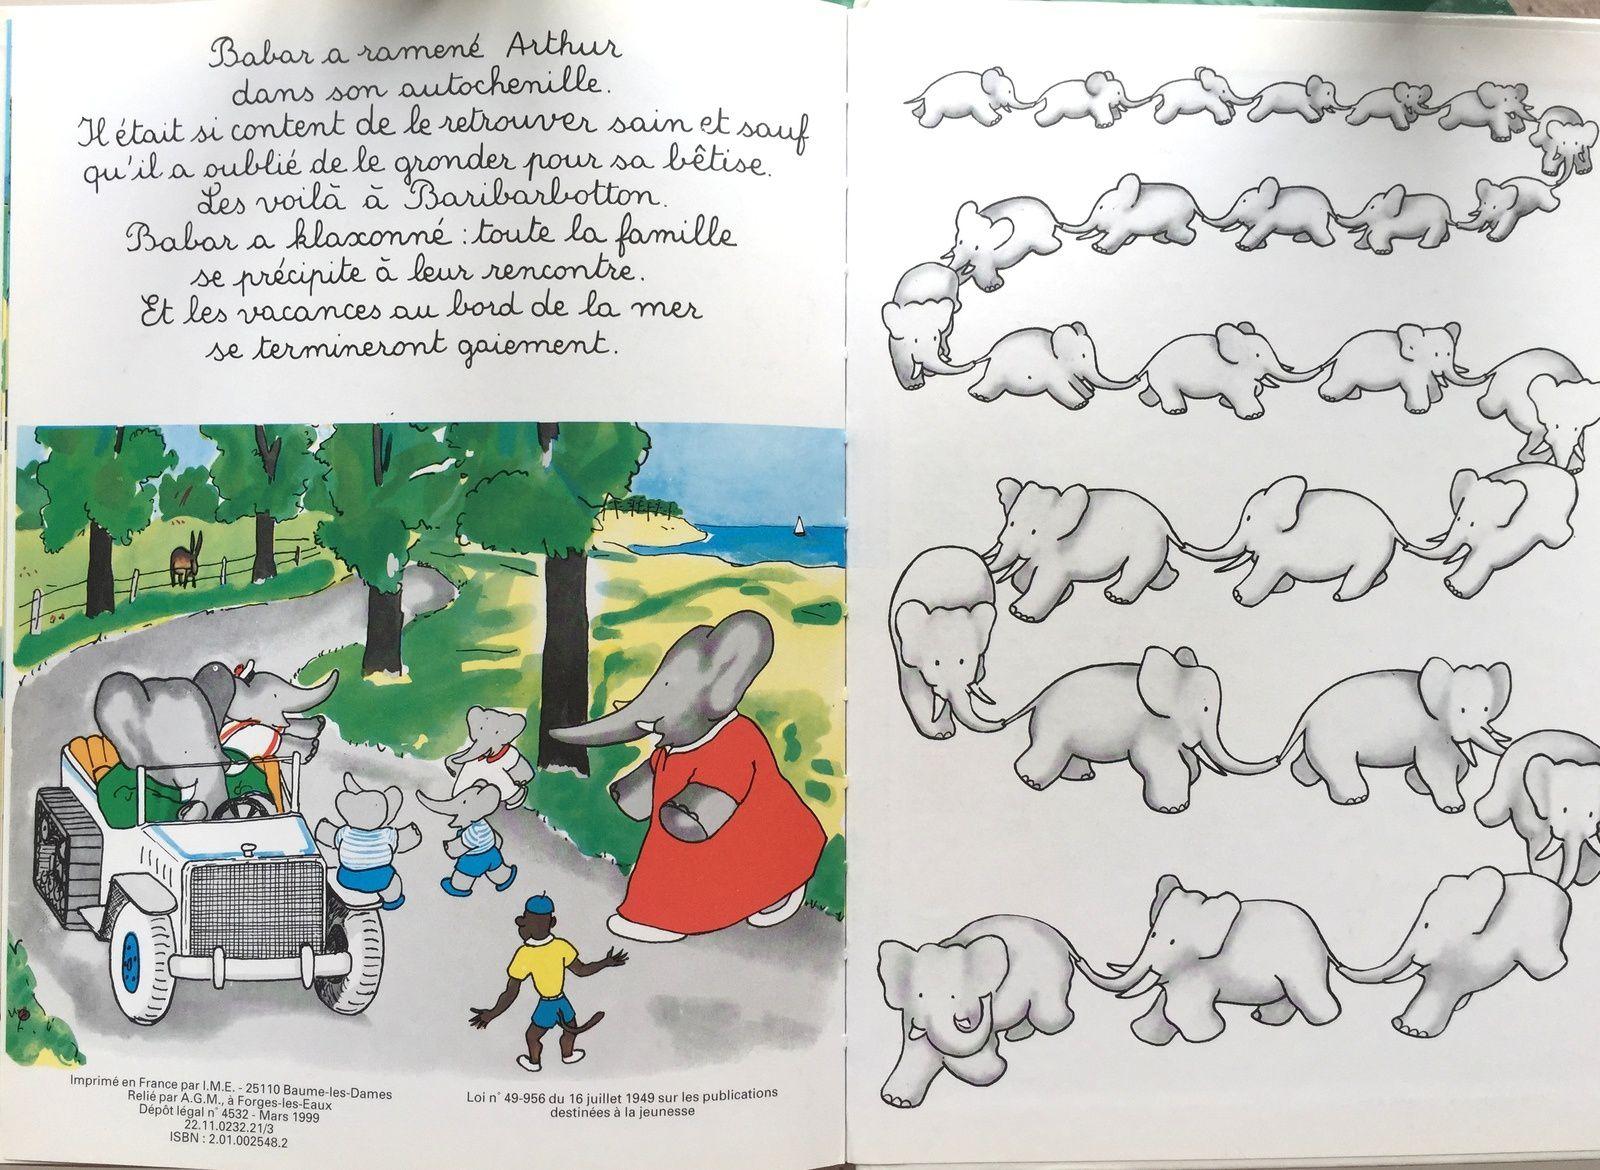 Babar et ce coquin d'Arthur, hachette jeunesse edition, voyage vacances, livre enfant sur #charlotteblabla blog